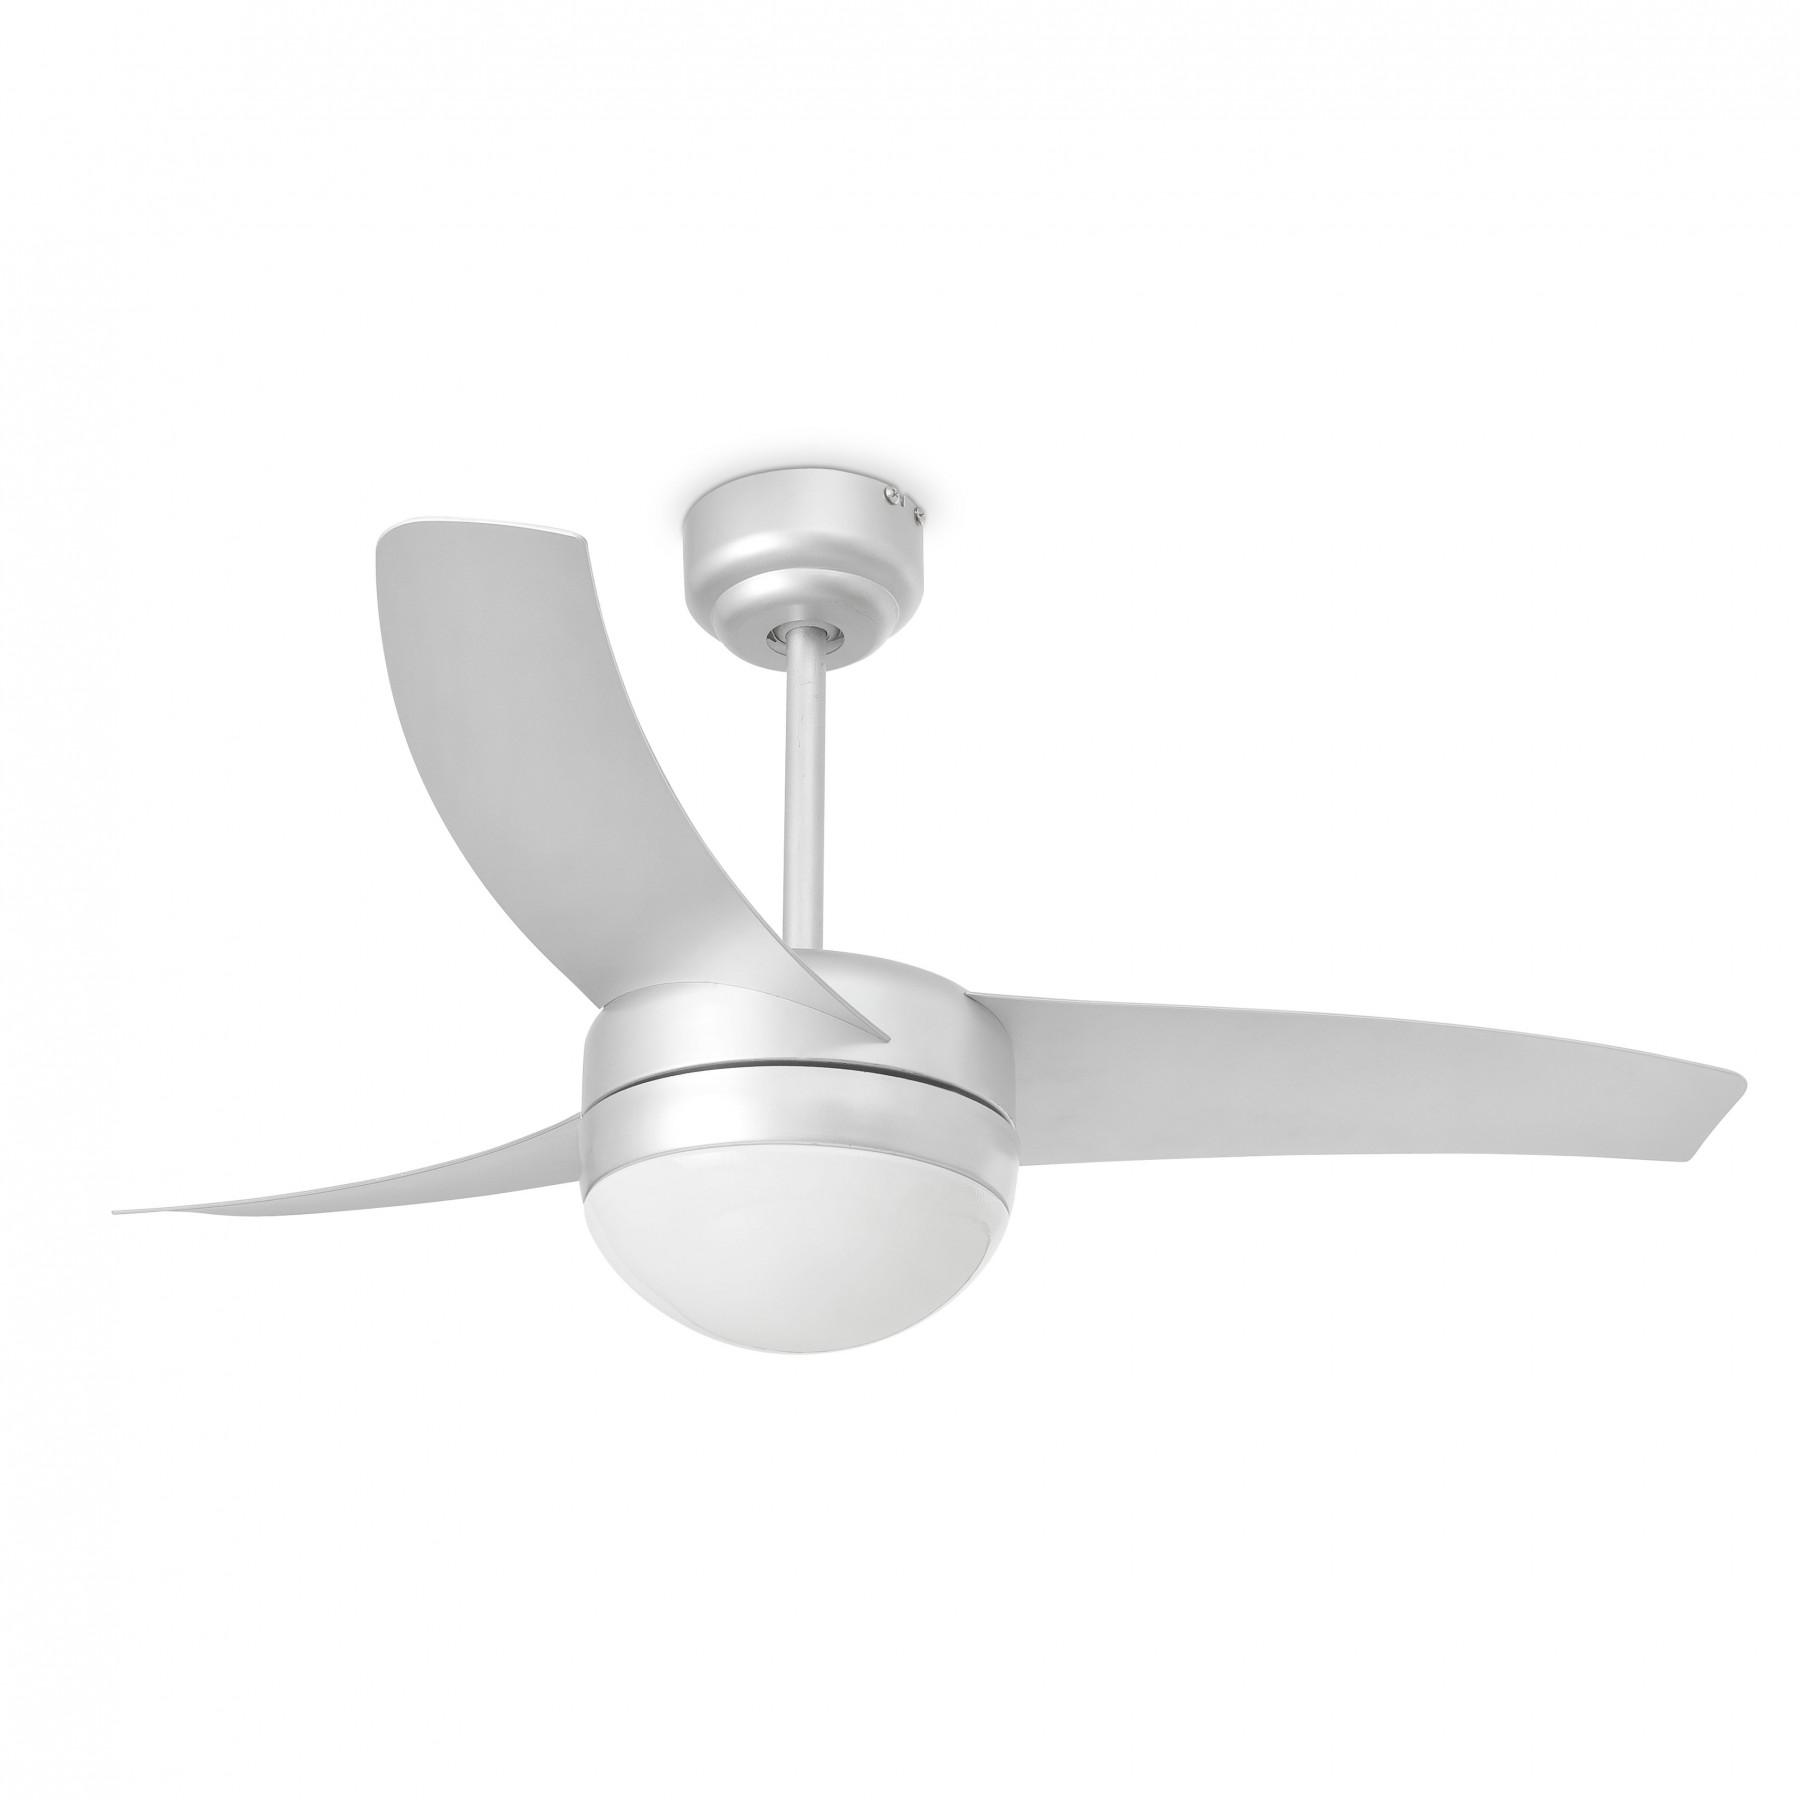 Ventilateur de plafond lumineux easy gris 3 pales design - Ventilateur plafond design ...